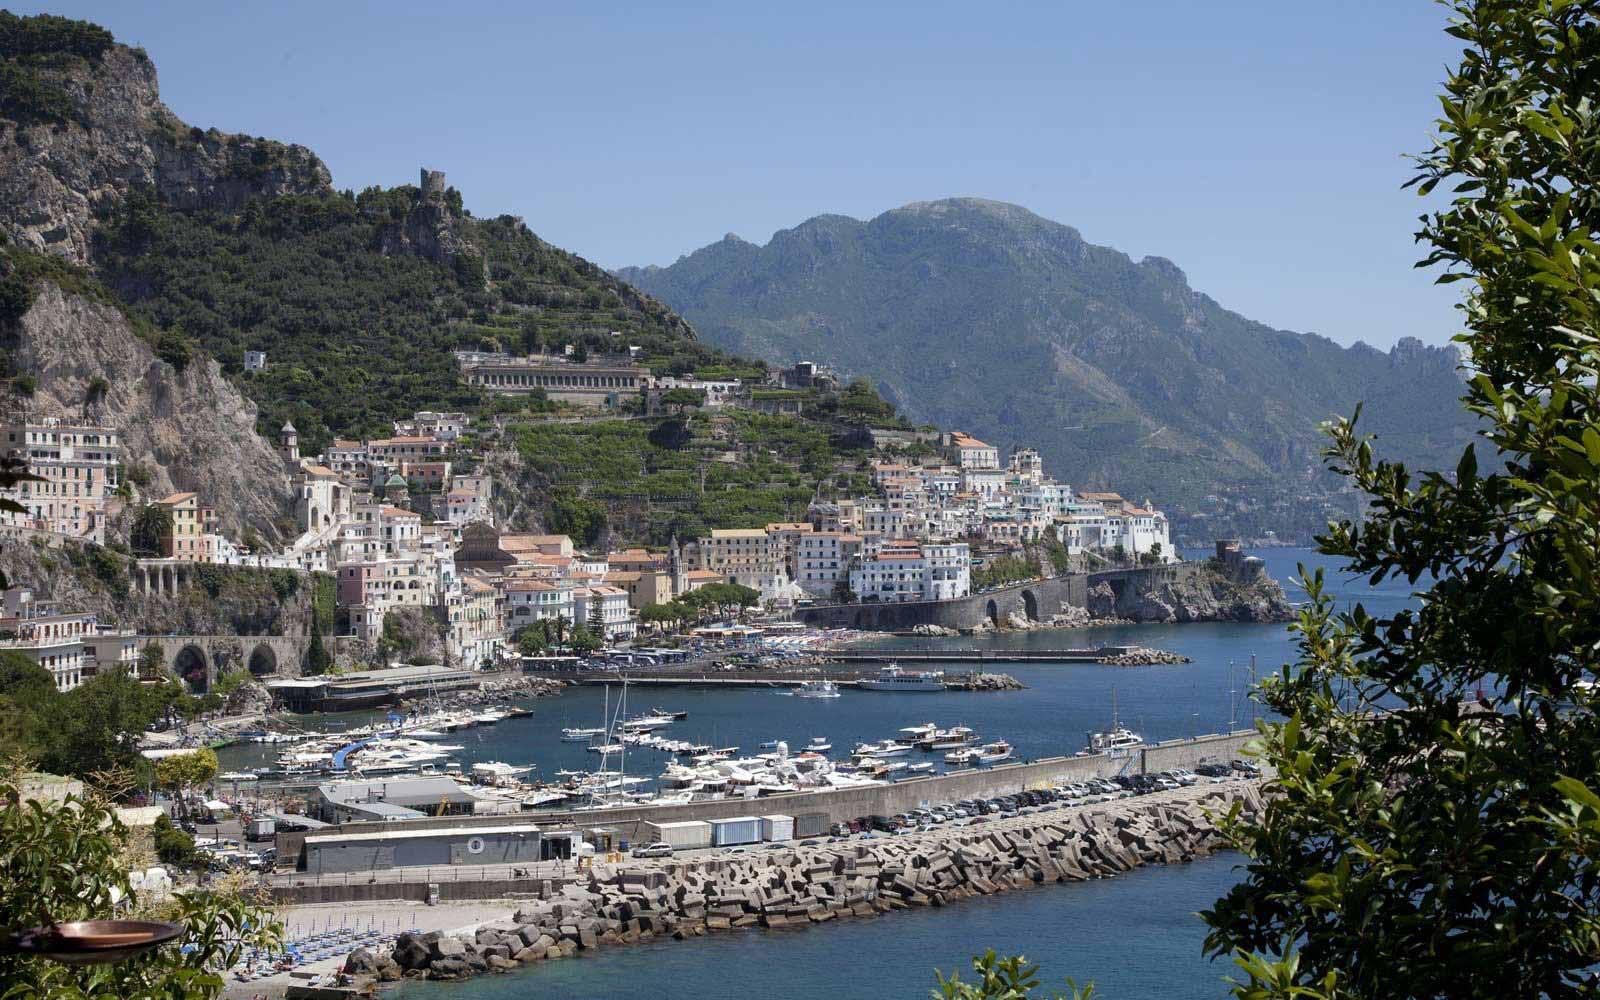 View over Amalfi from Hotel Miramalfi